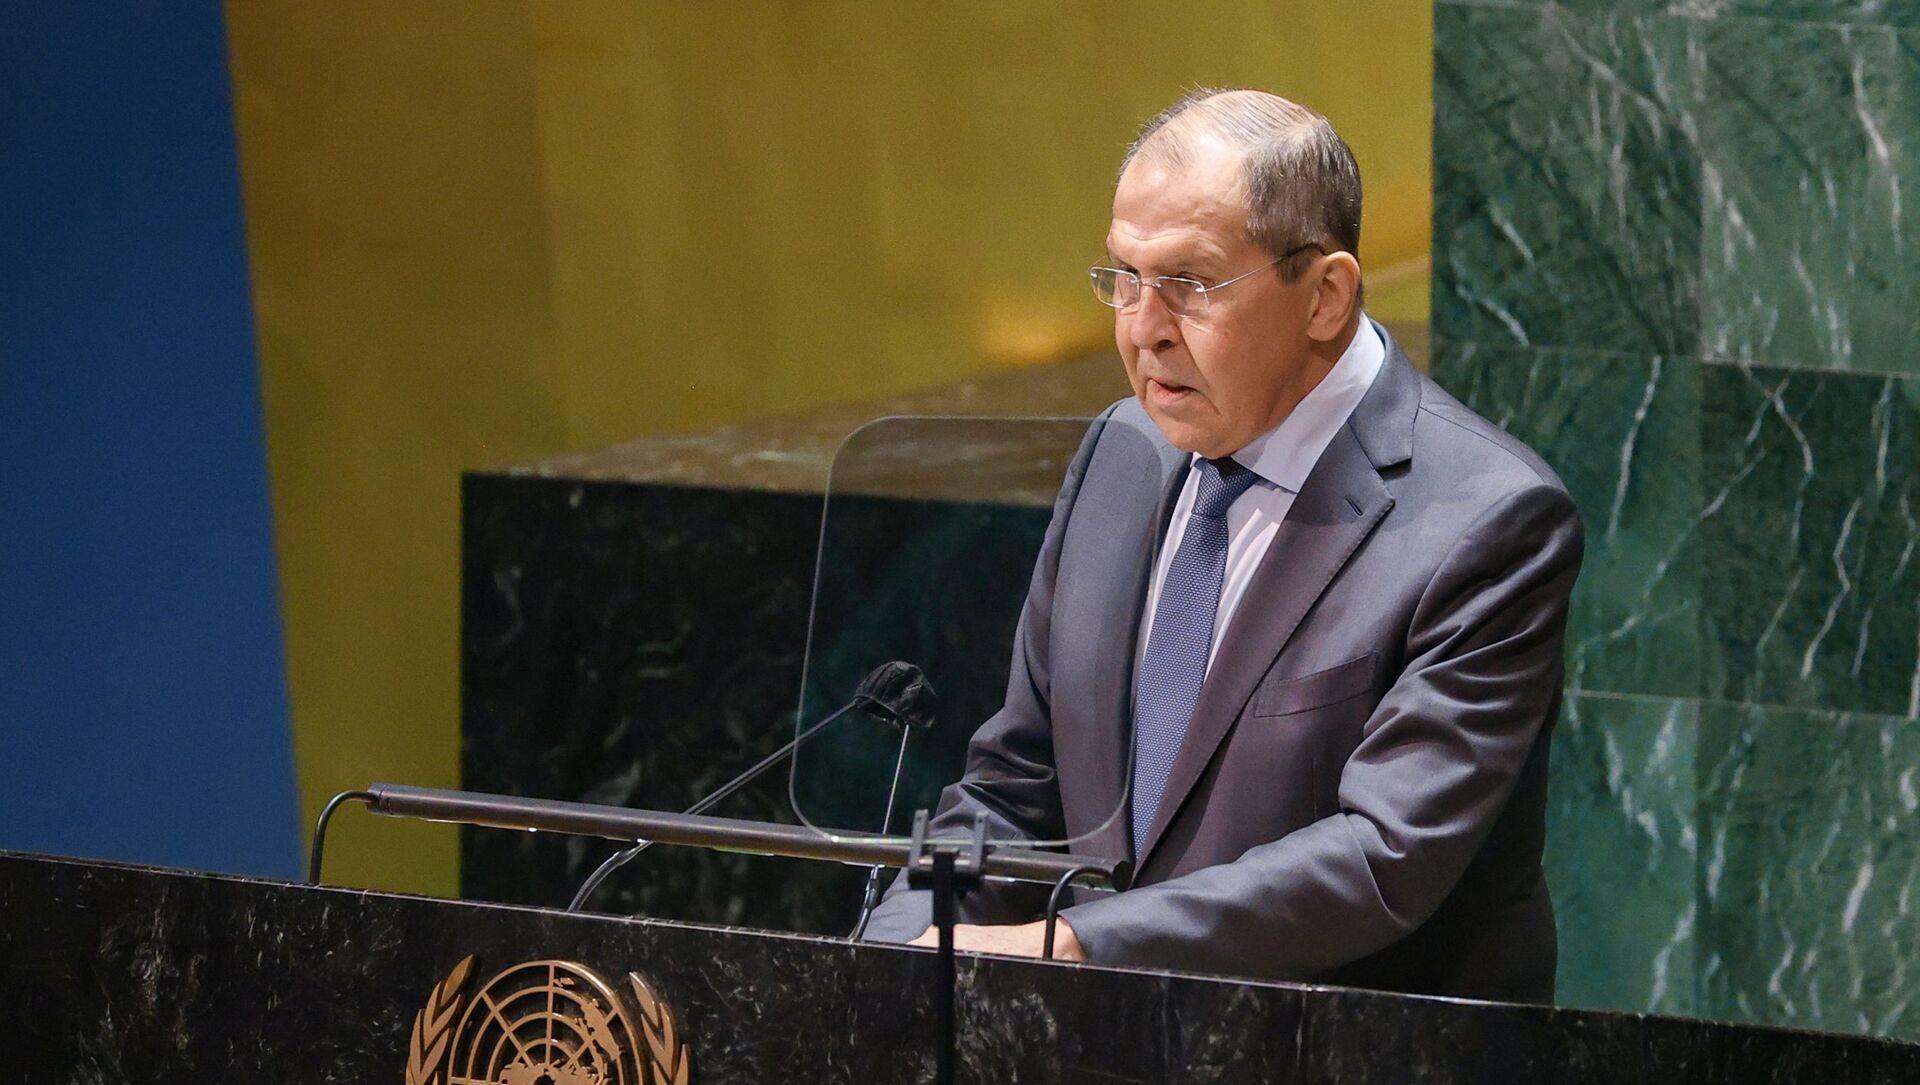 Выступление С. Лаврова на общеполитической дискуссии 76-й сессии ГА ООН - Sputnik Азербайджан, 1920, 26.09.2021